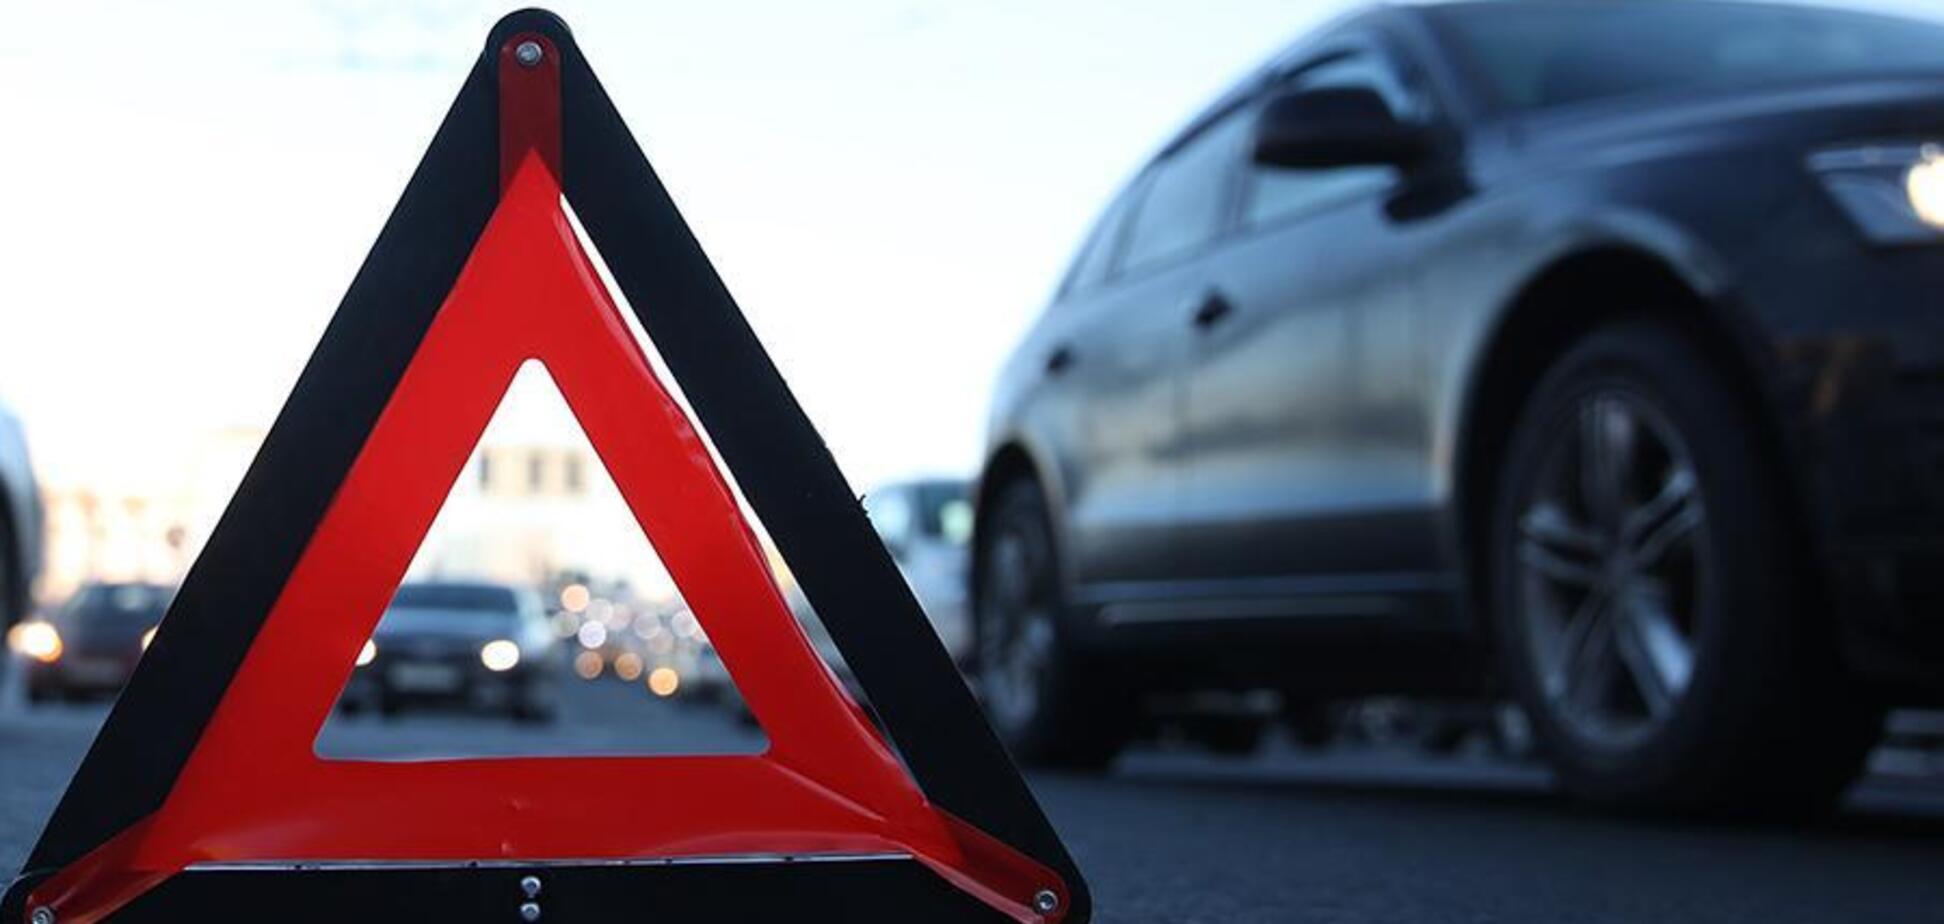 Авто розлетілися по дорозі: в Кривому Розі сталася серйозна ДТП. Фото